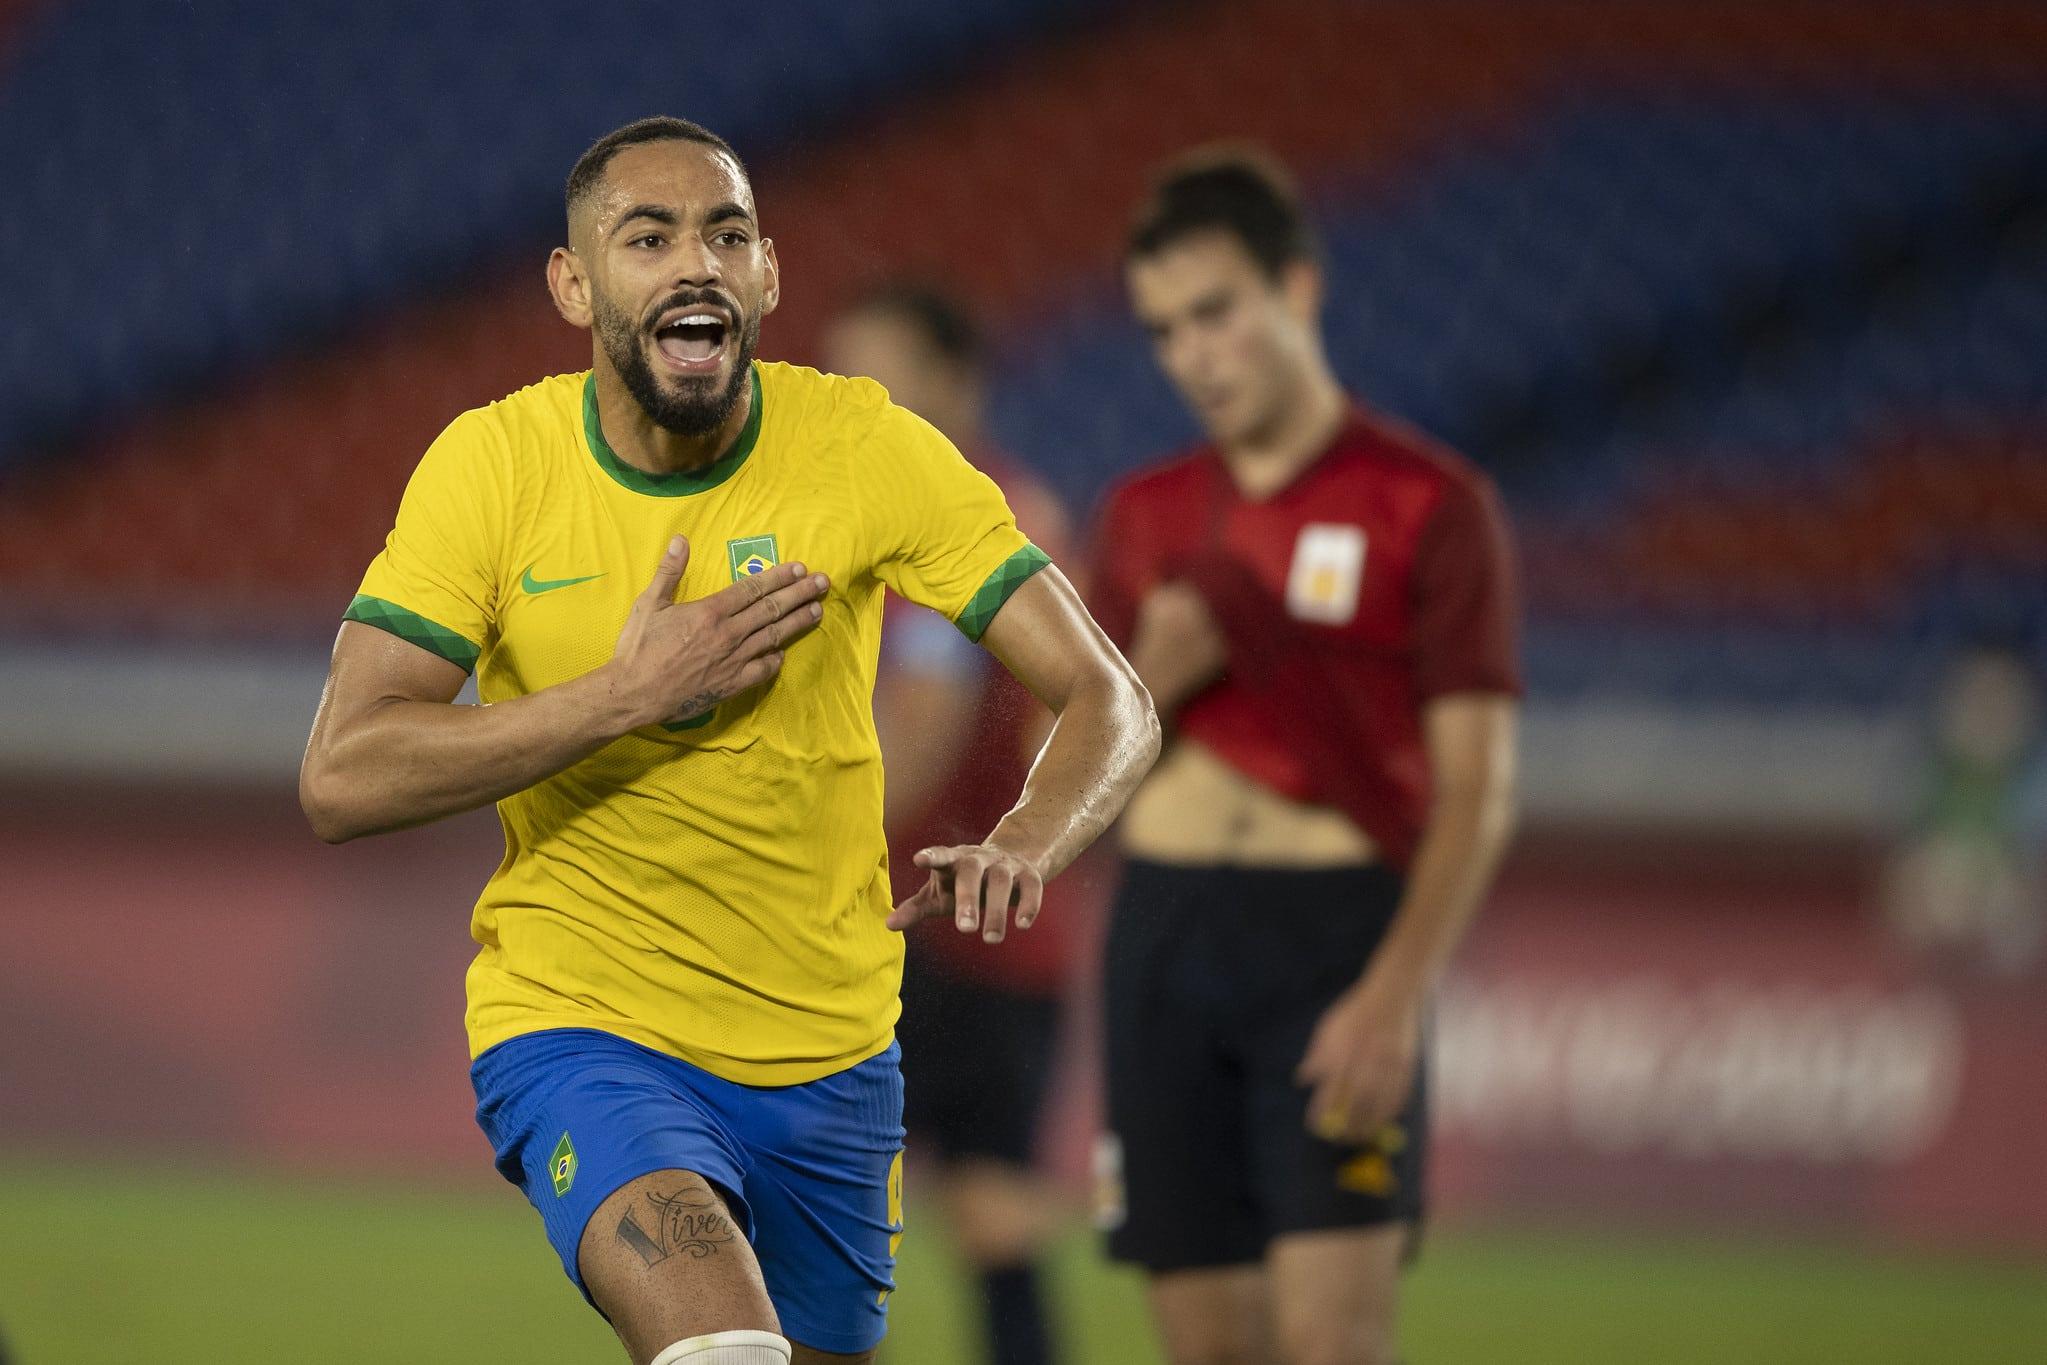 Artilheiro da Olimpíada de Tóquio 2020, com três gols, atacante brasileiro Matheus Cunha marcou oito gols em 28 jogos pelo Hertha BSC